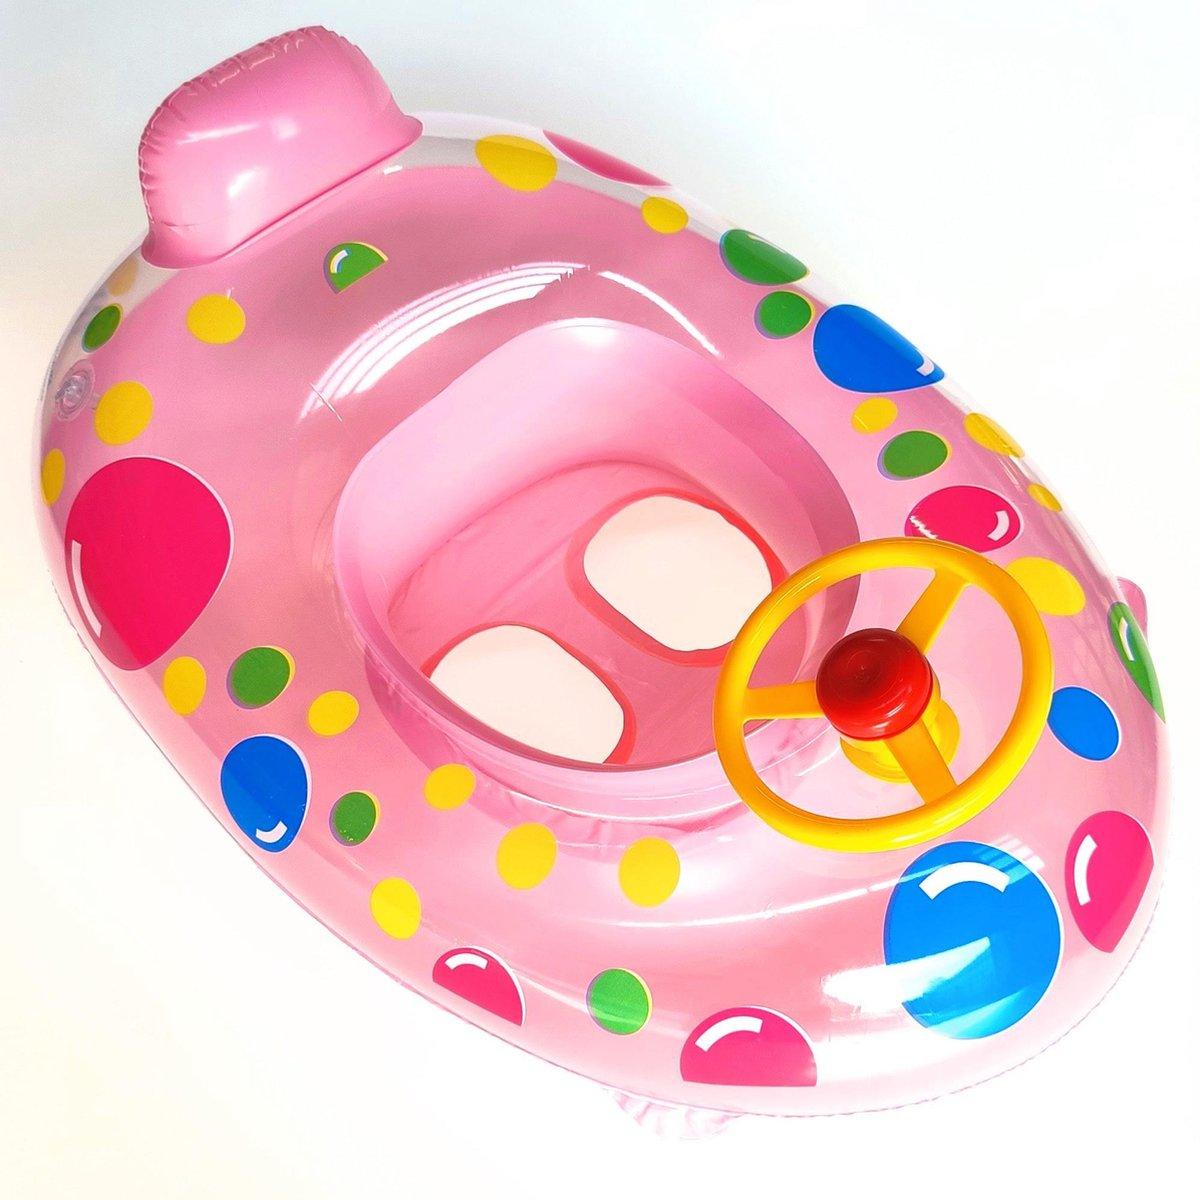 Jobber Playground Baby Zwemband Bootje - Baby Float - Rubber Boot - Incl. Toeter Stuur - 65CM - WILLEKEURIGE KLEUR